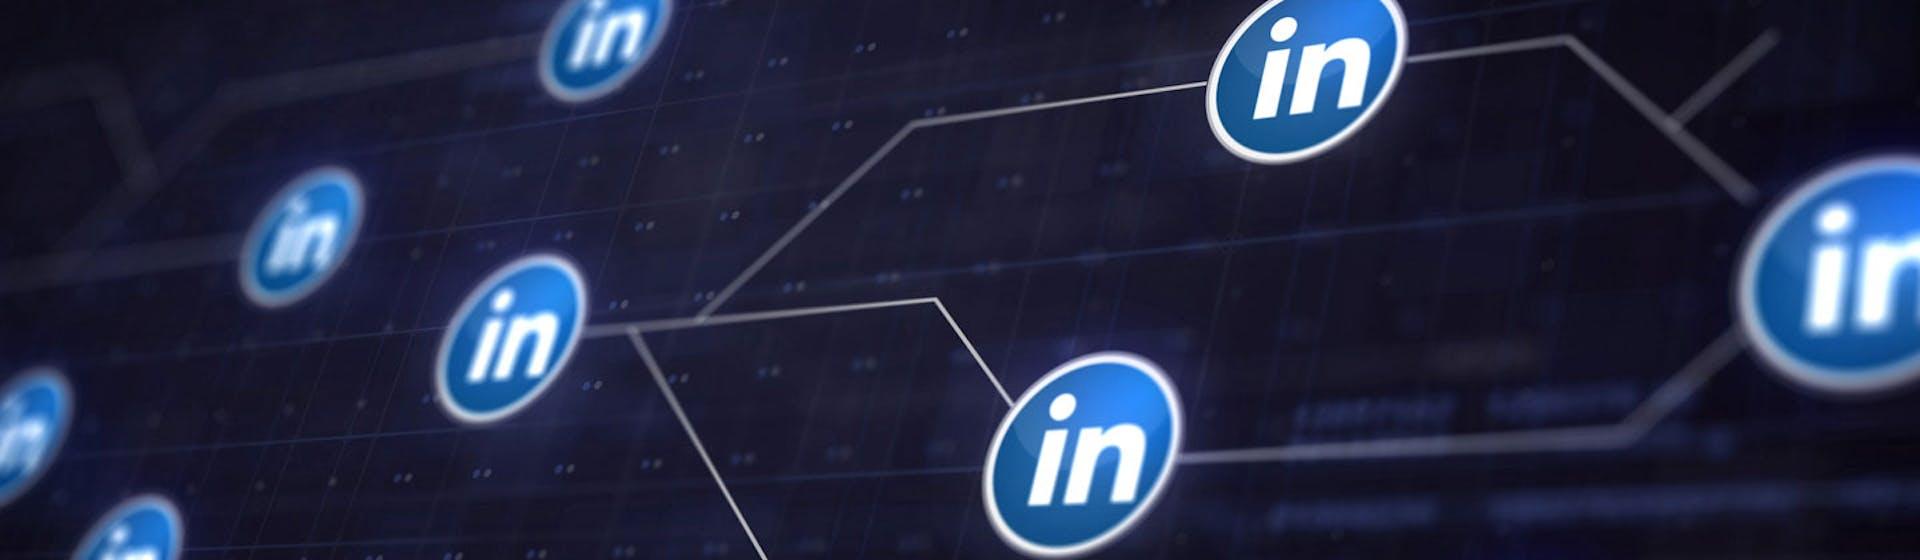 Ventajas y desventajas de LinkedIn: ¿merece la pena usar esta red social profesional?